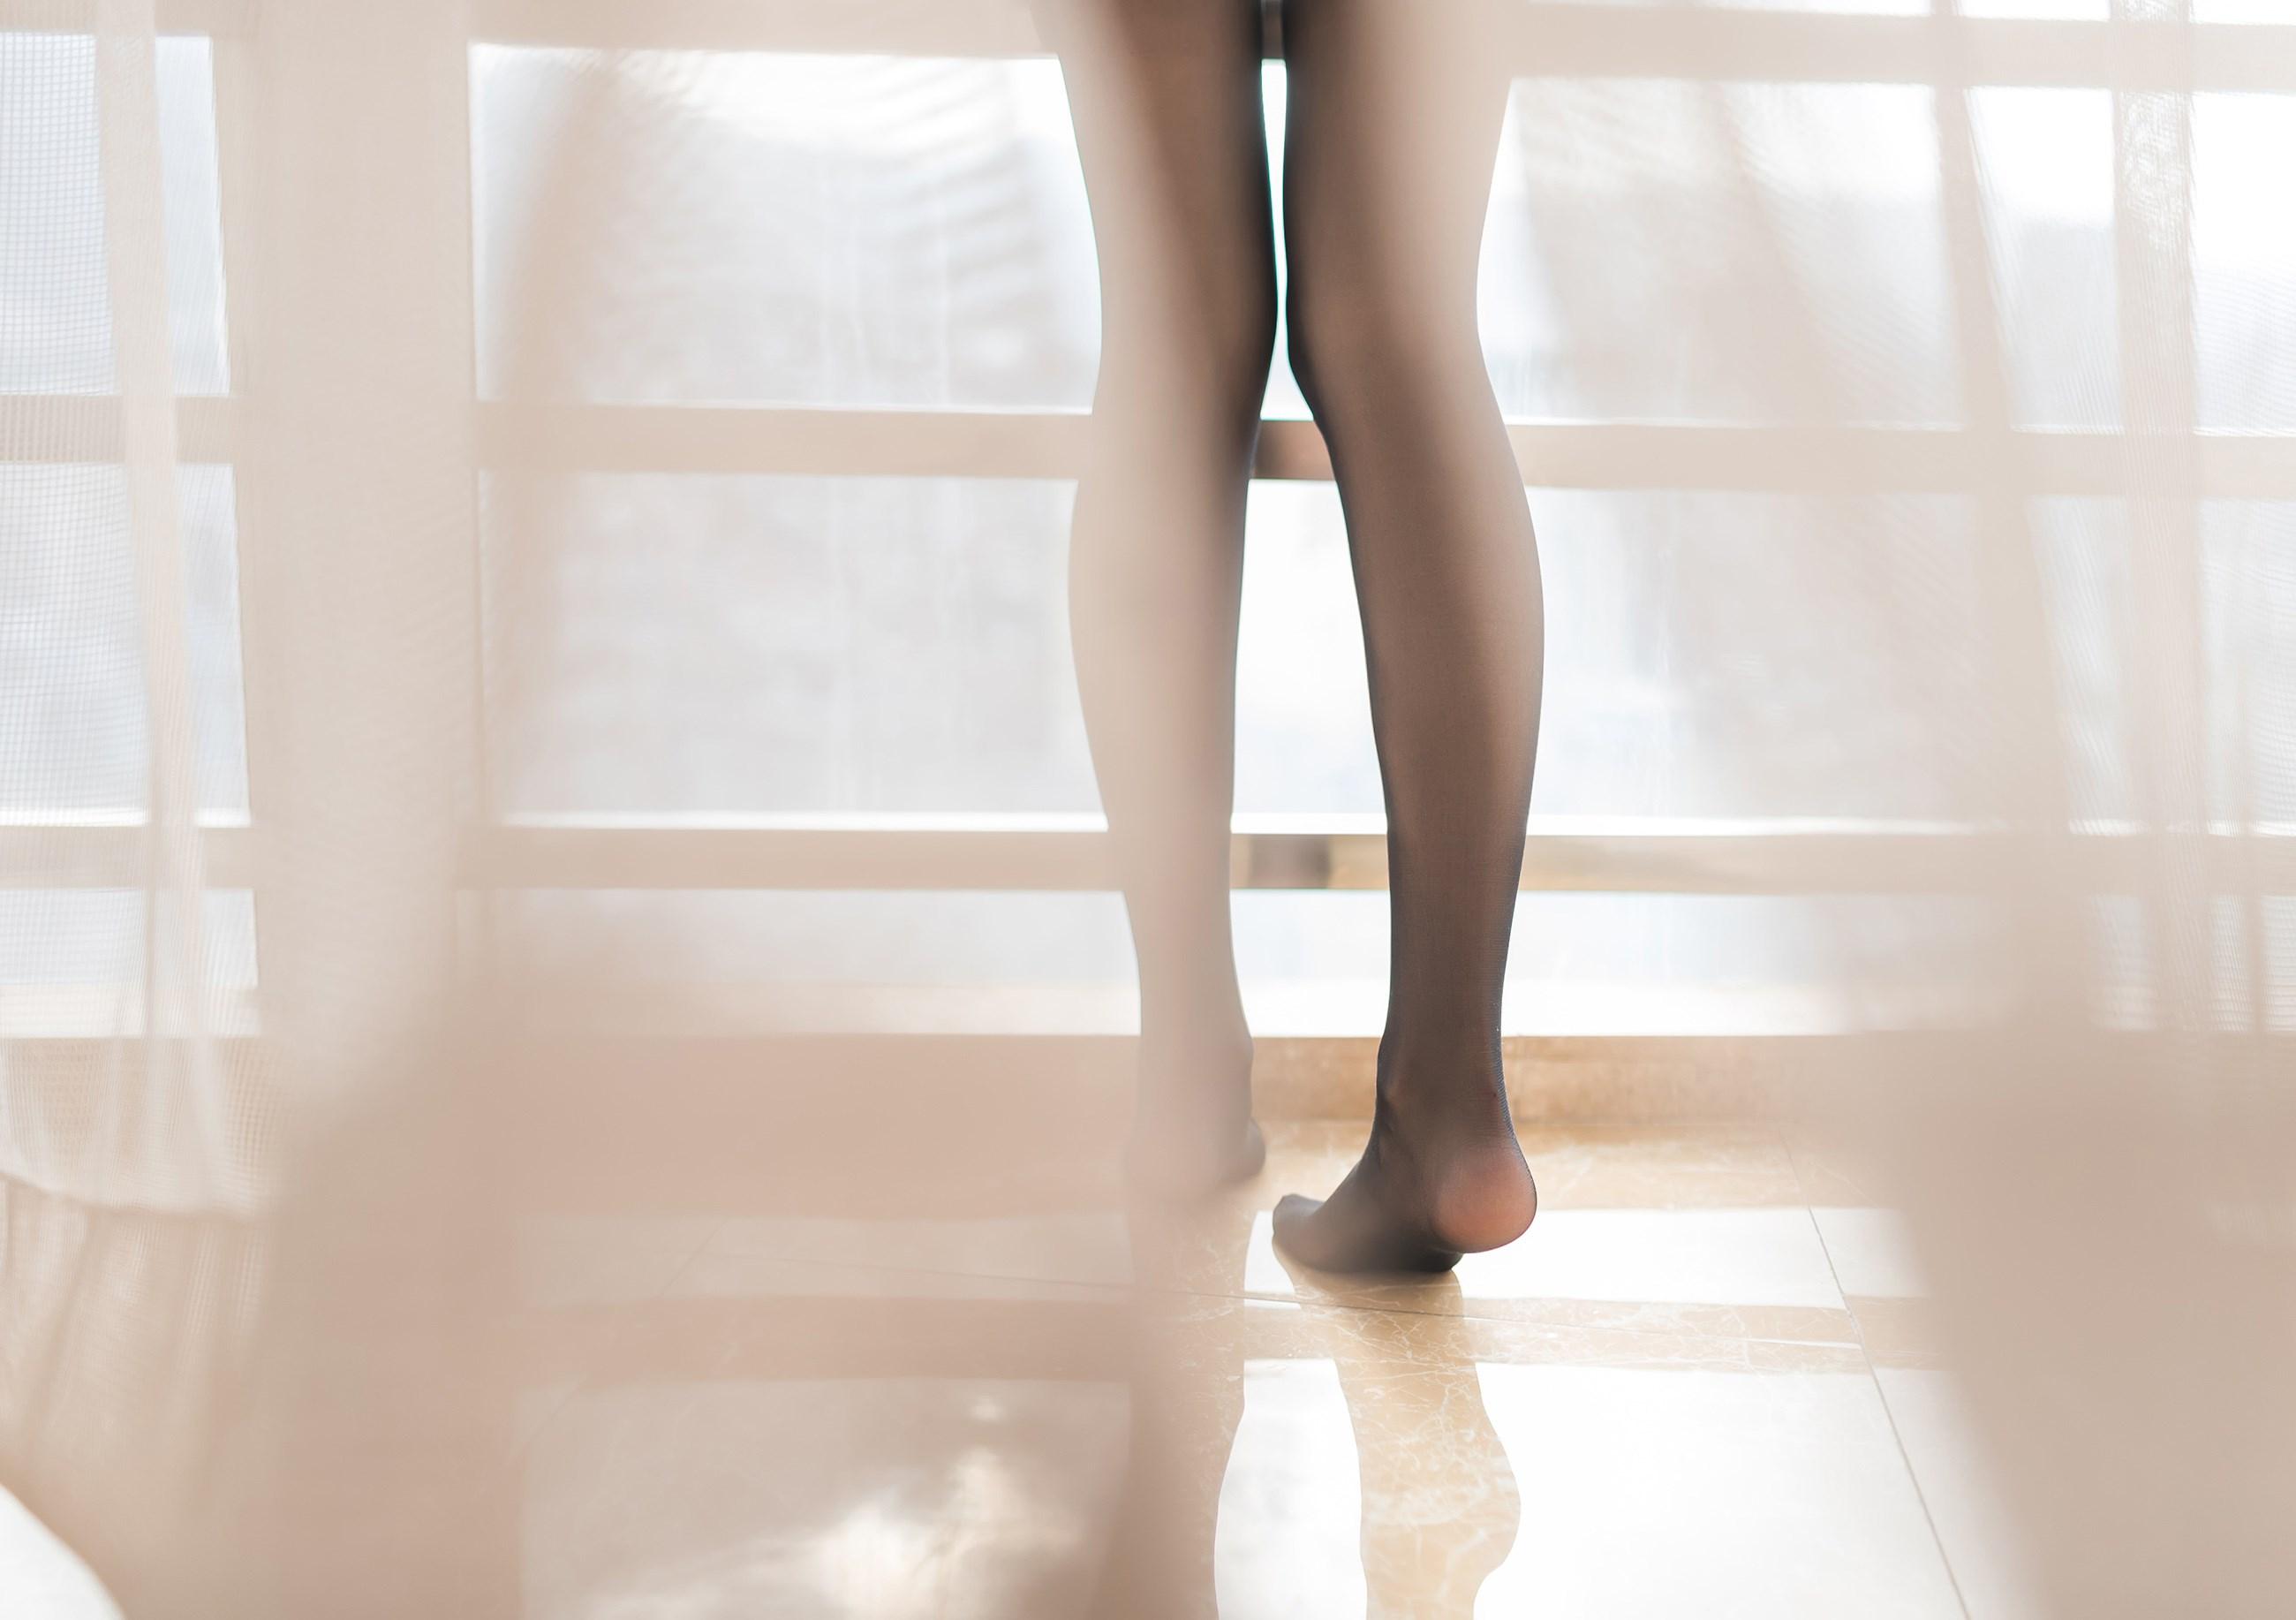 【兔玩映画】黑丝的诱惑 兔玩映画 第34张